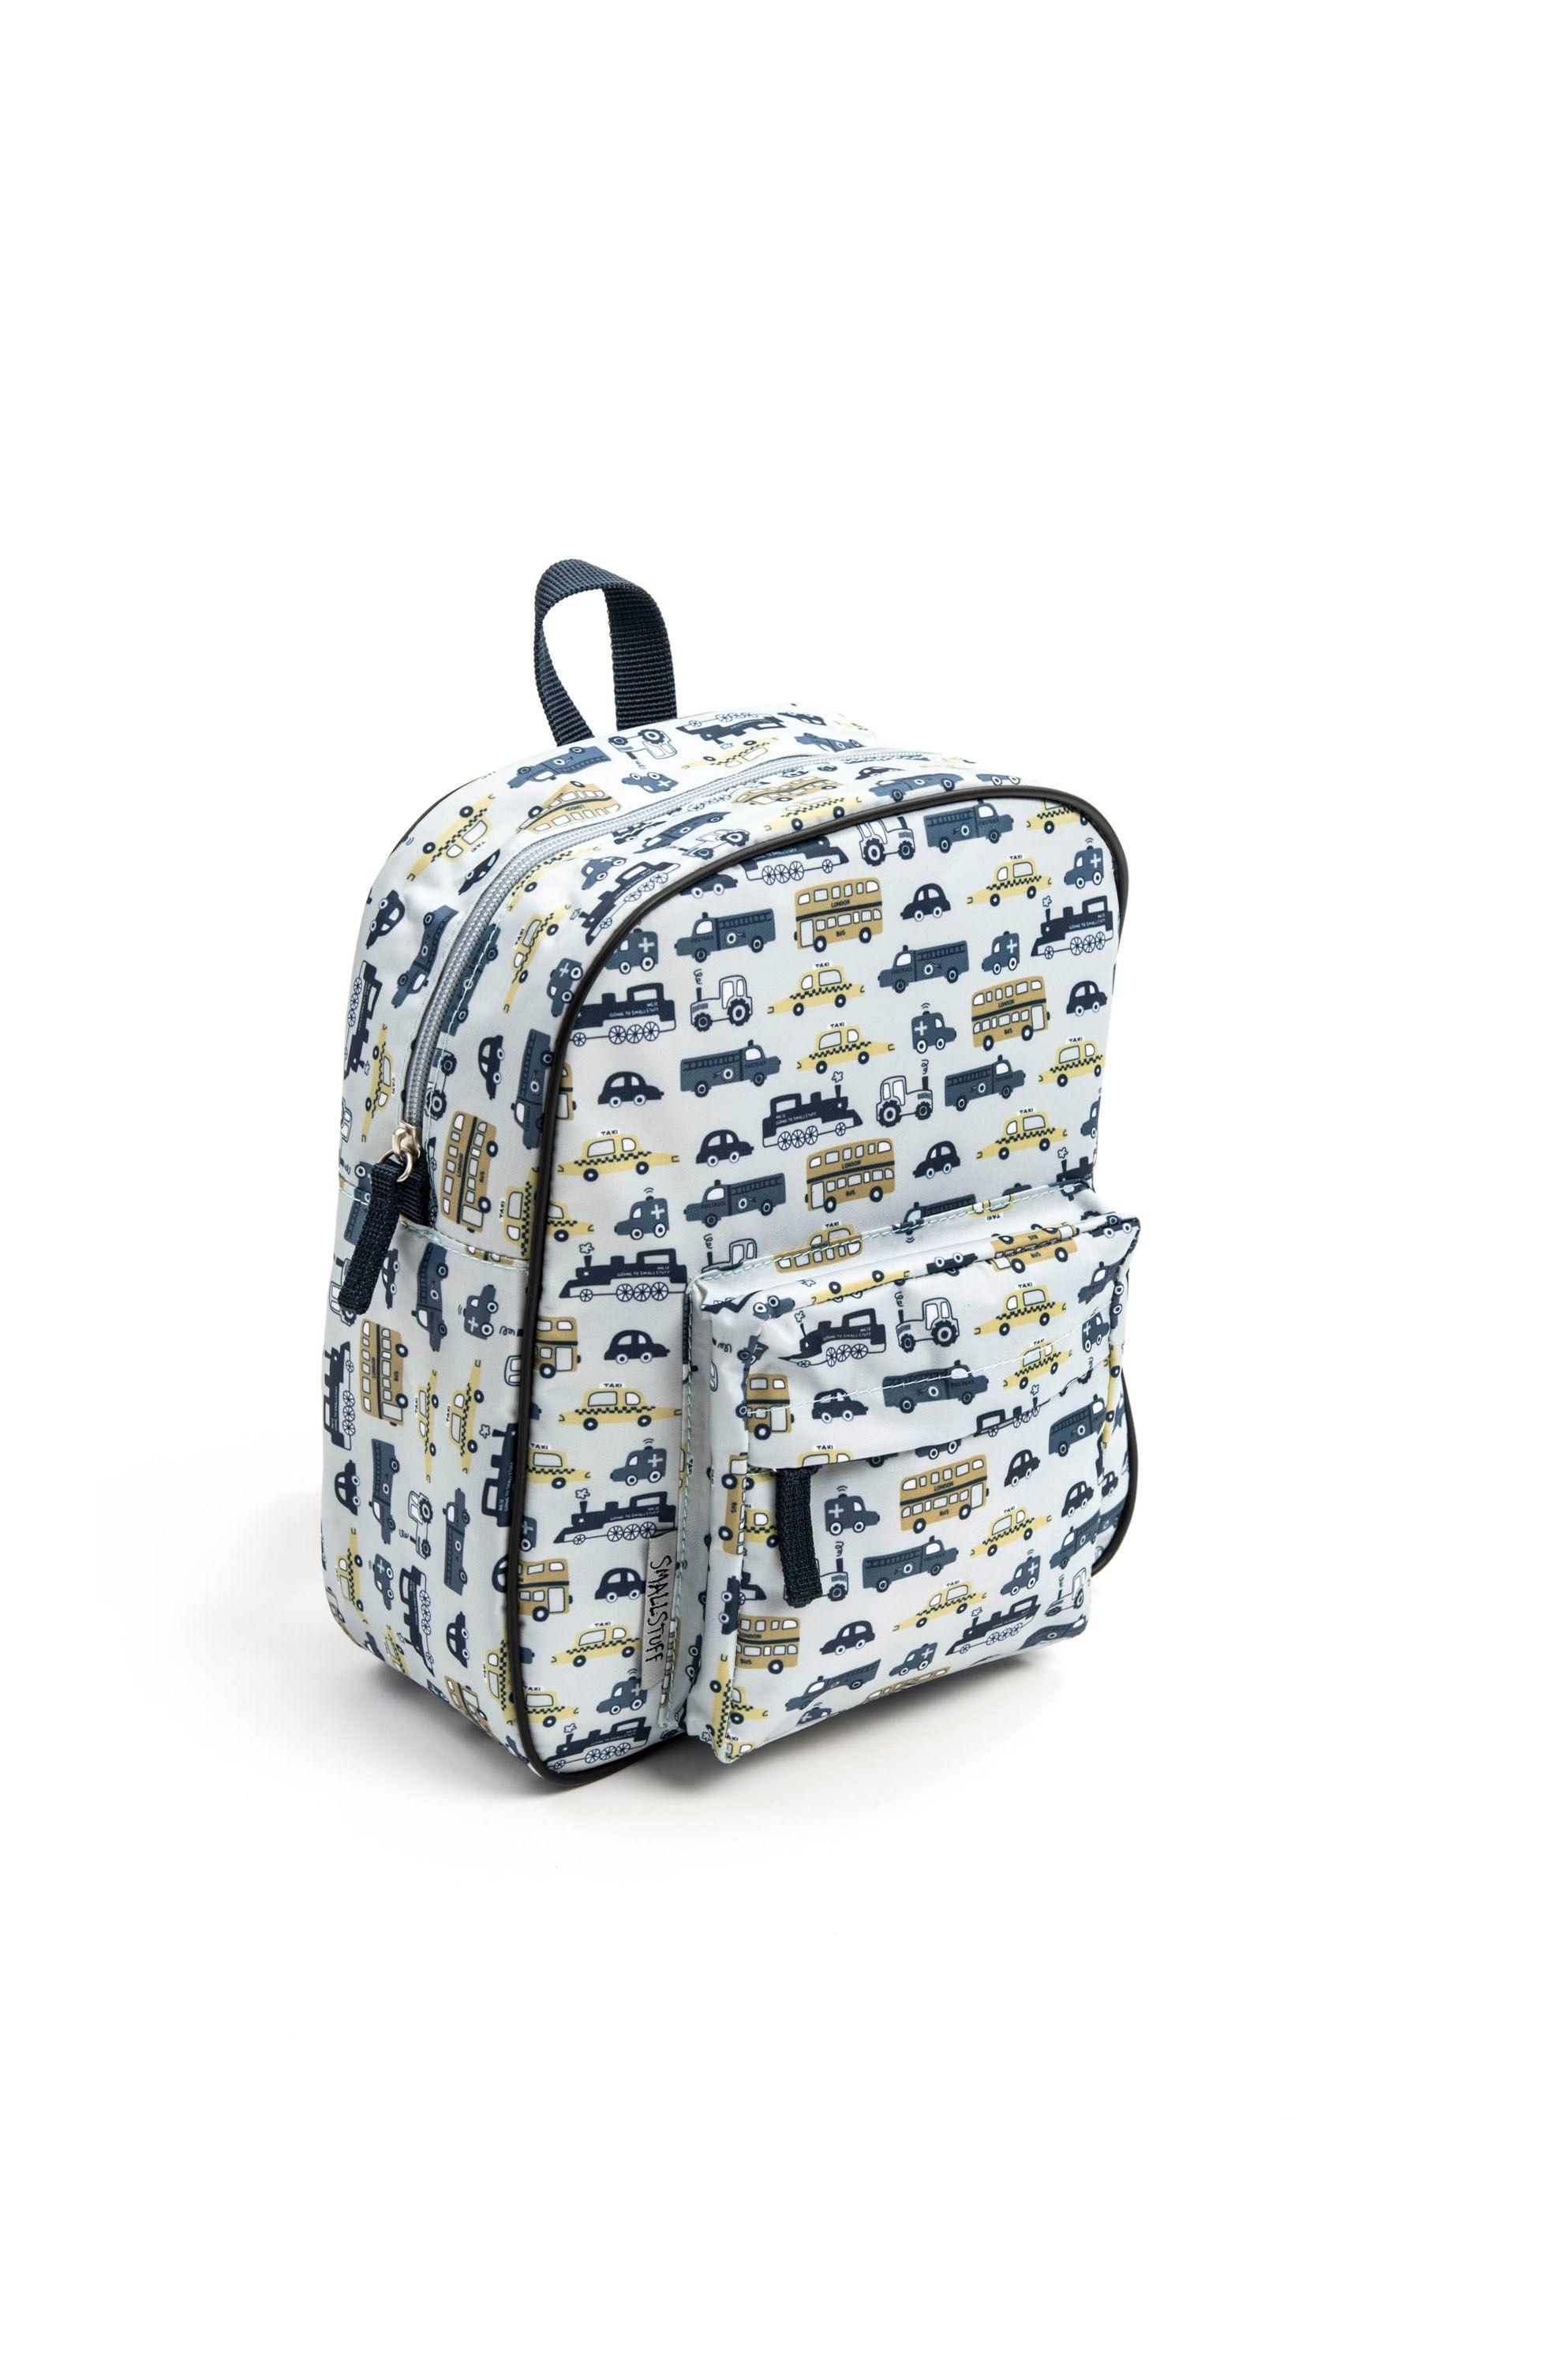 Smallstuff - Small Backpack - Auto (83001-23)